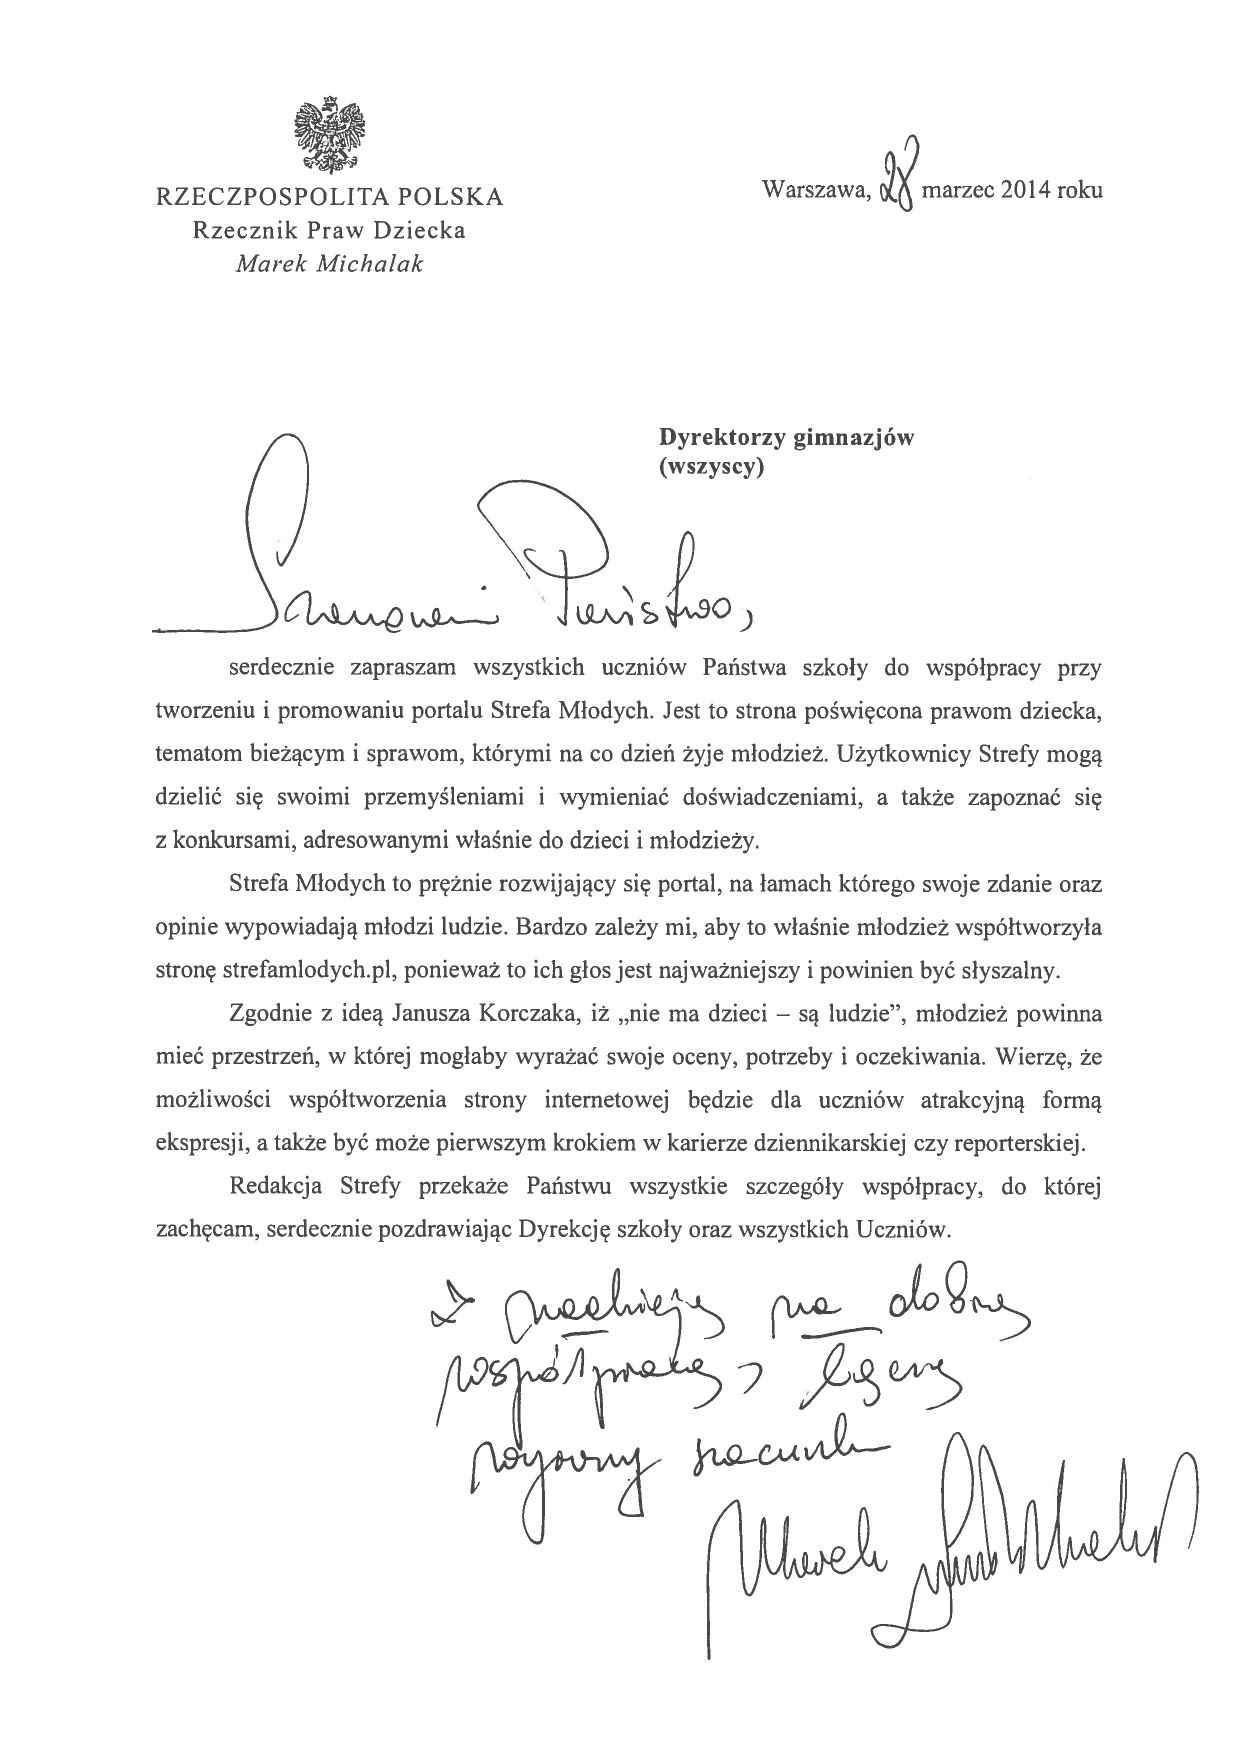 List Rzecznika Praw Dziecka